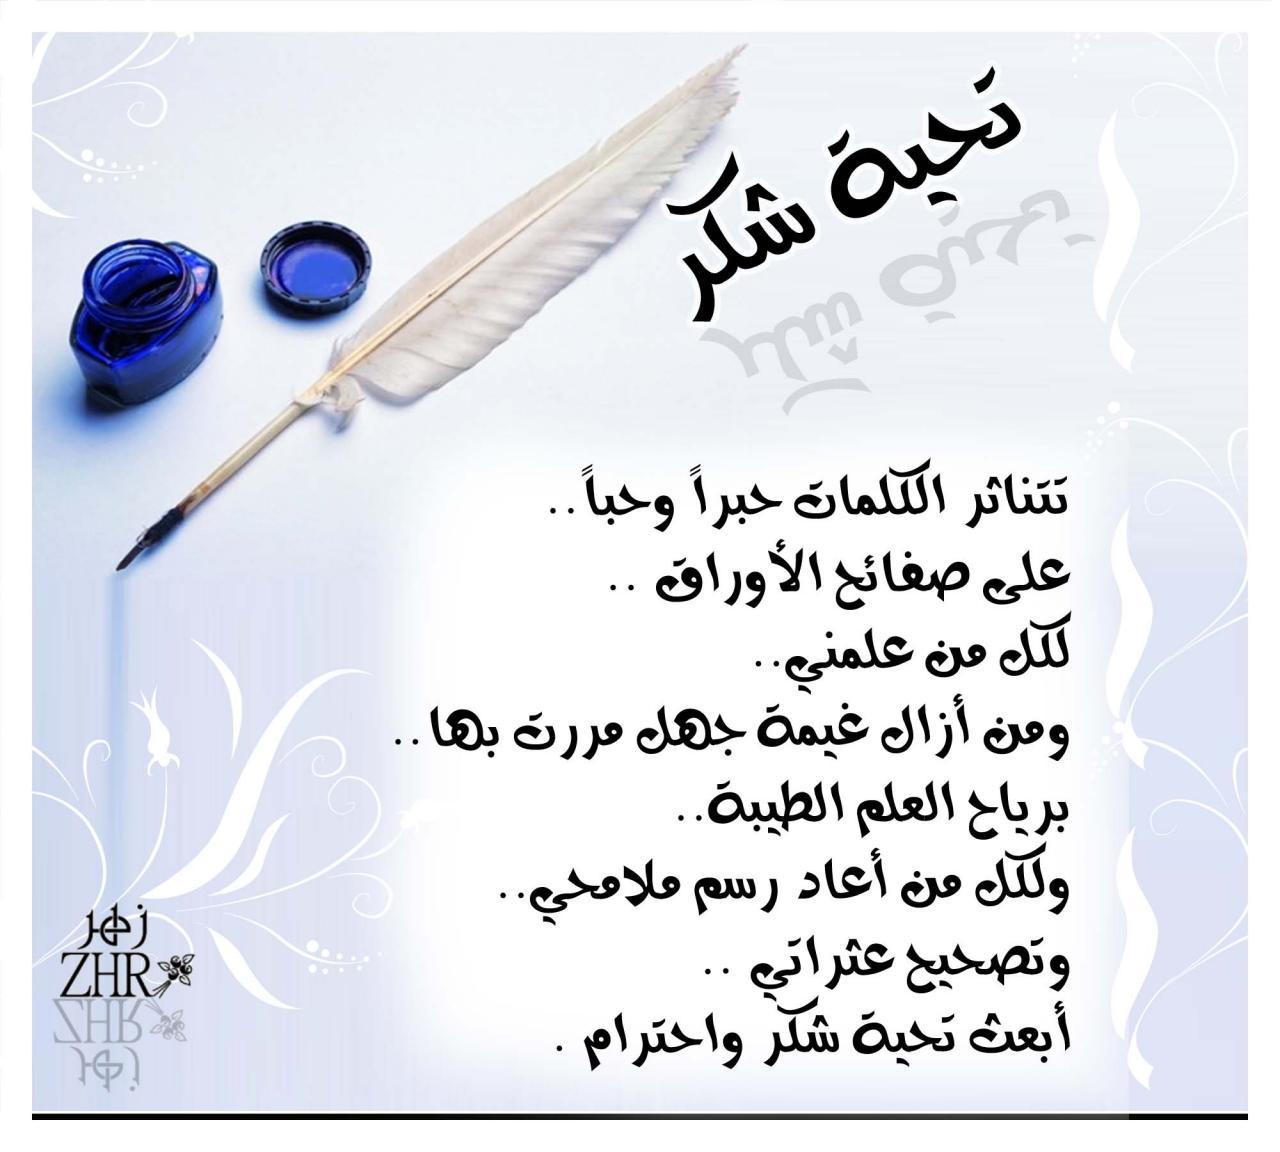 عبارات شكر للاخت كلمات فى حب الاخت وتقديرها افخم فخمه